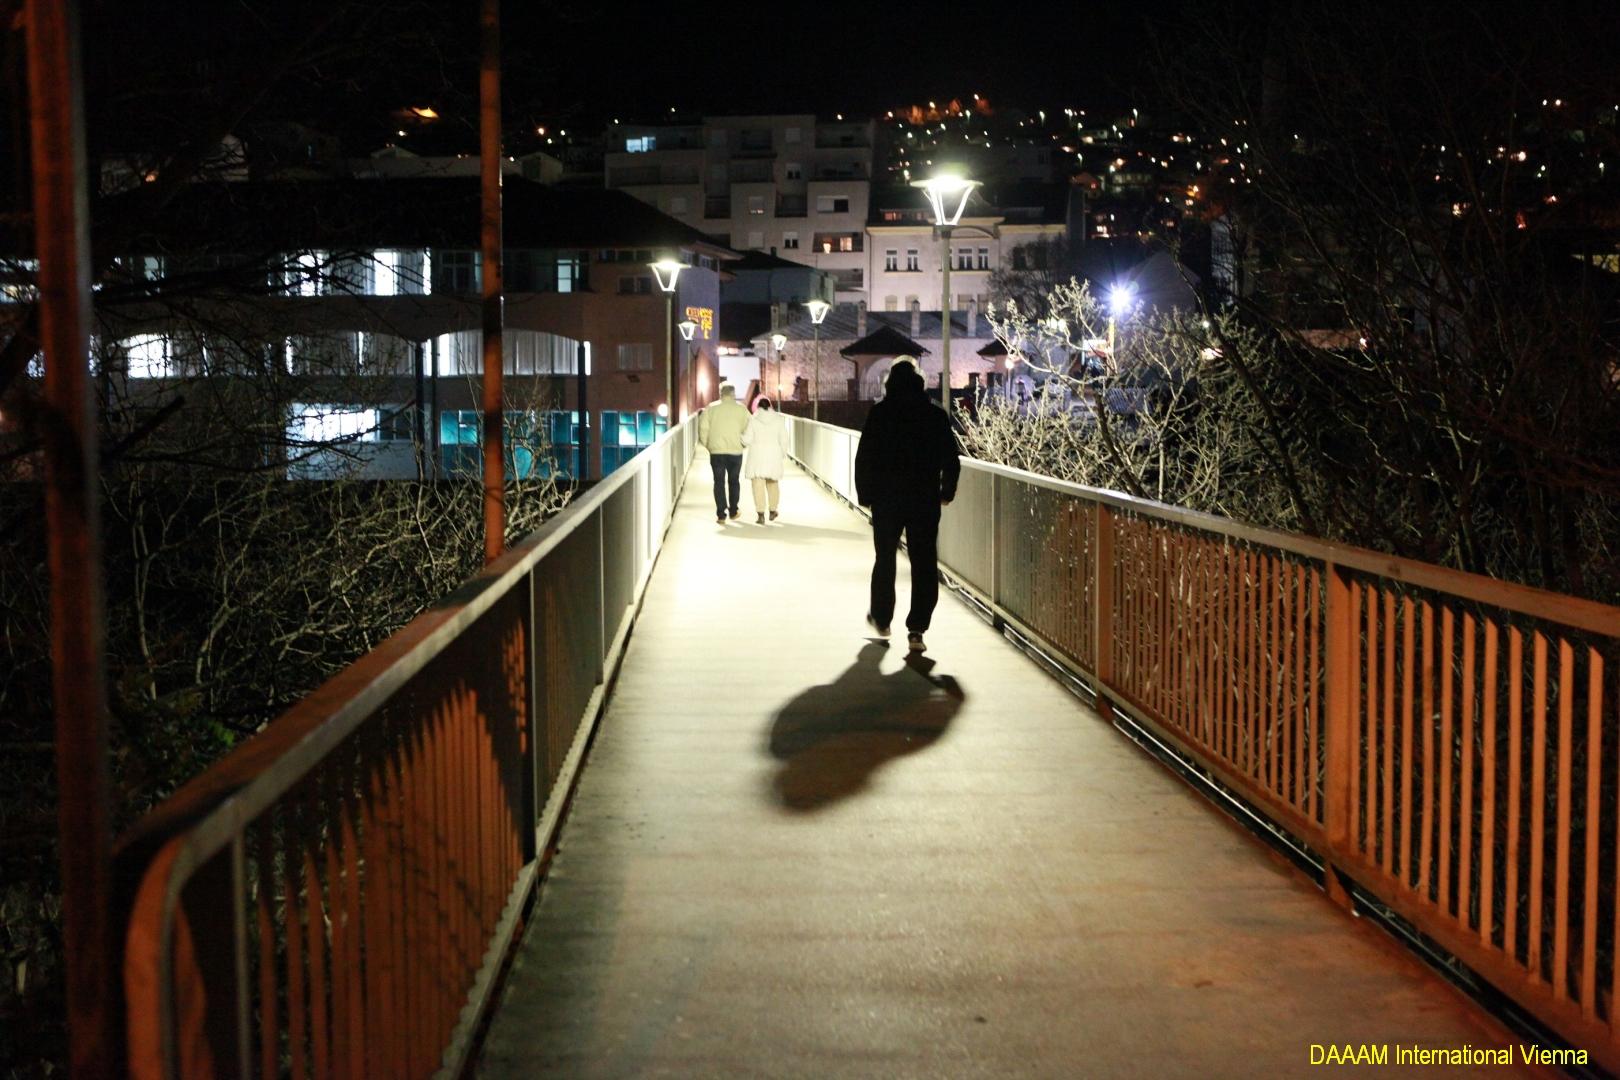 DAAAM_2016_Mostar_01_Magic_City_of_Mostar_173